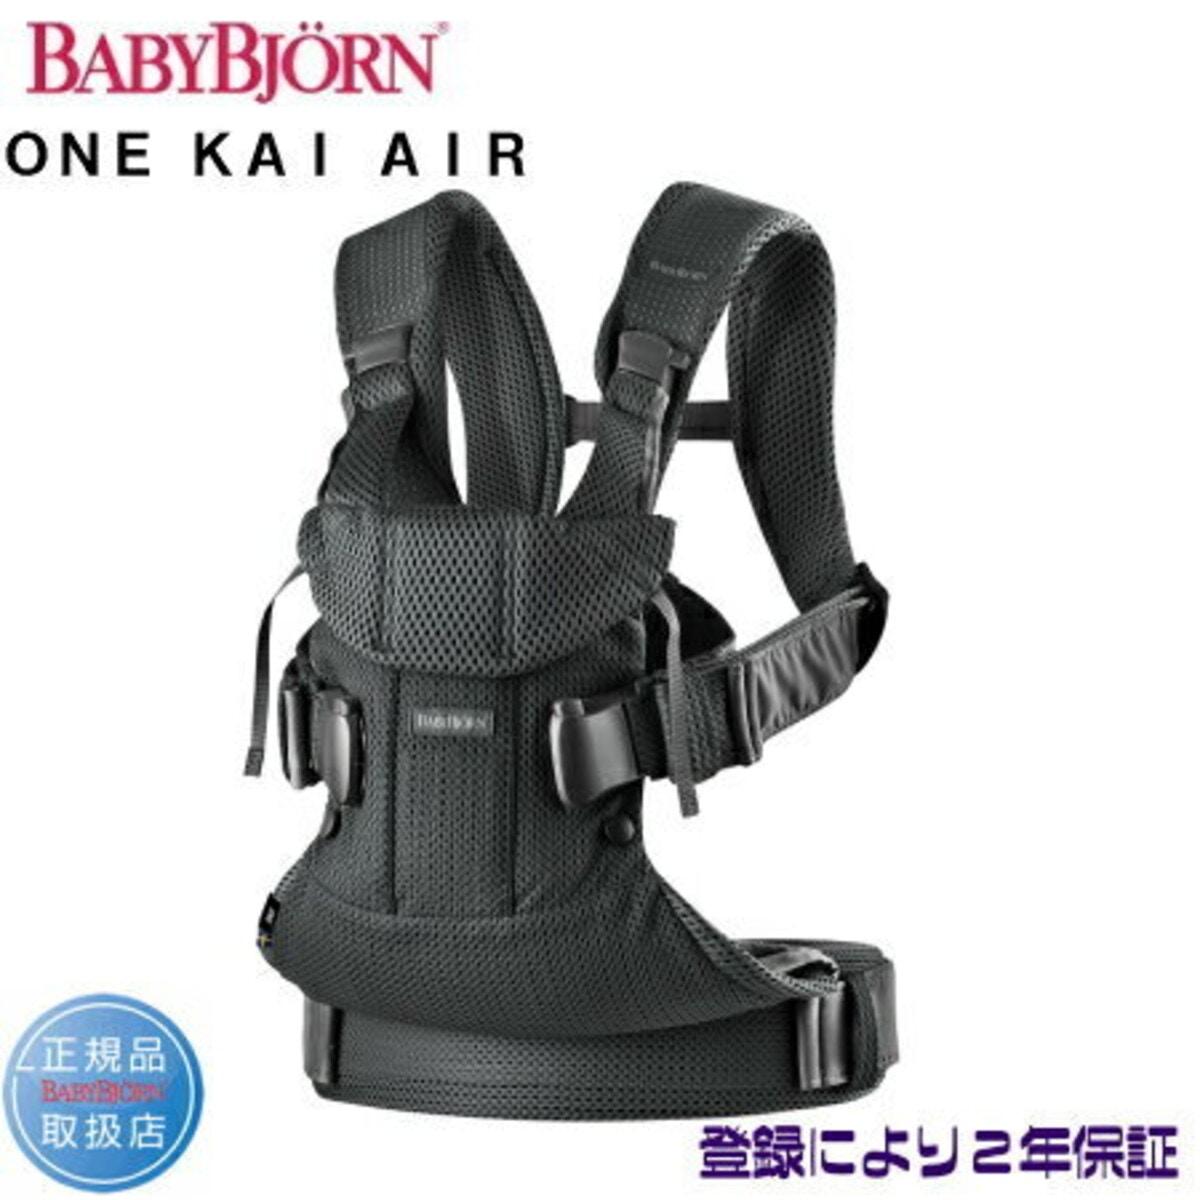 ベビービョルン ベビーキャリアONE KAI Air